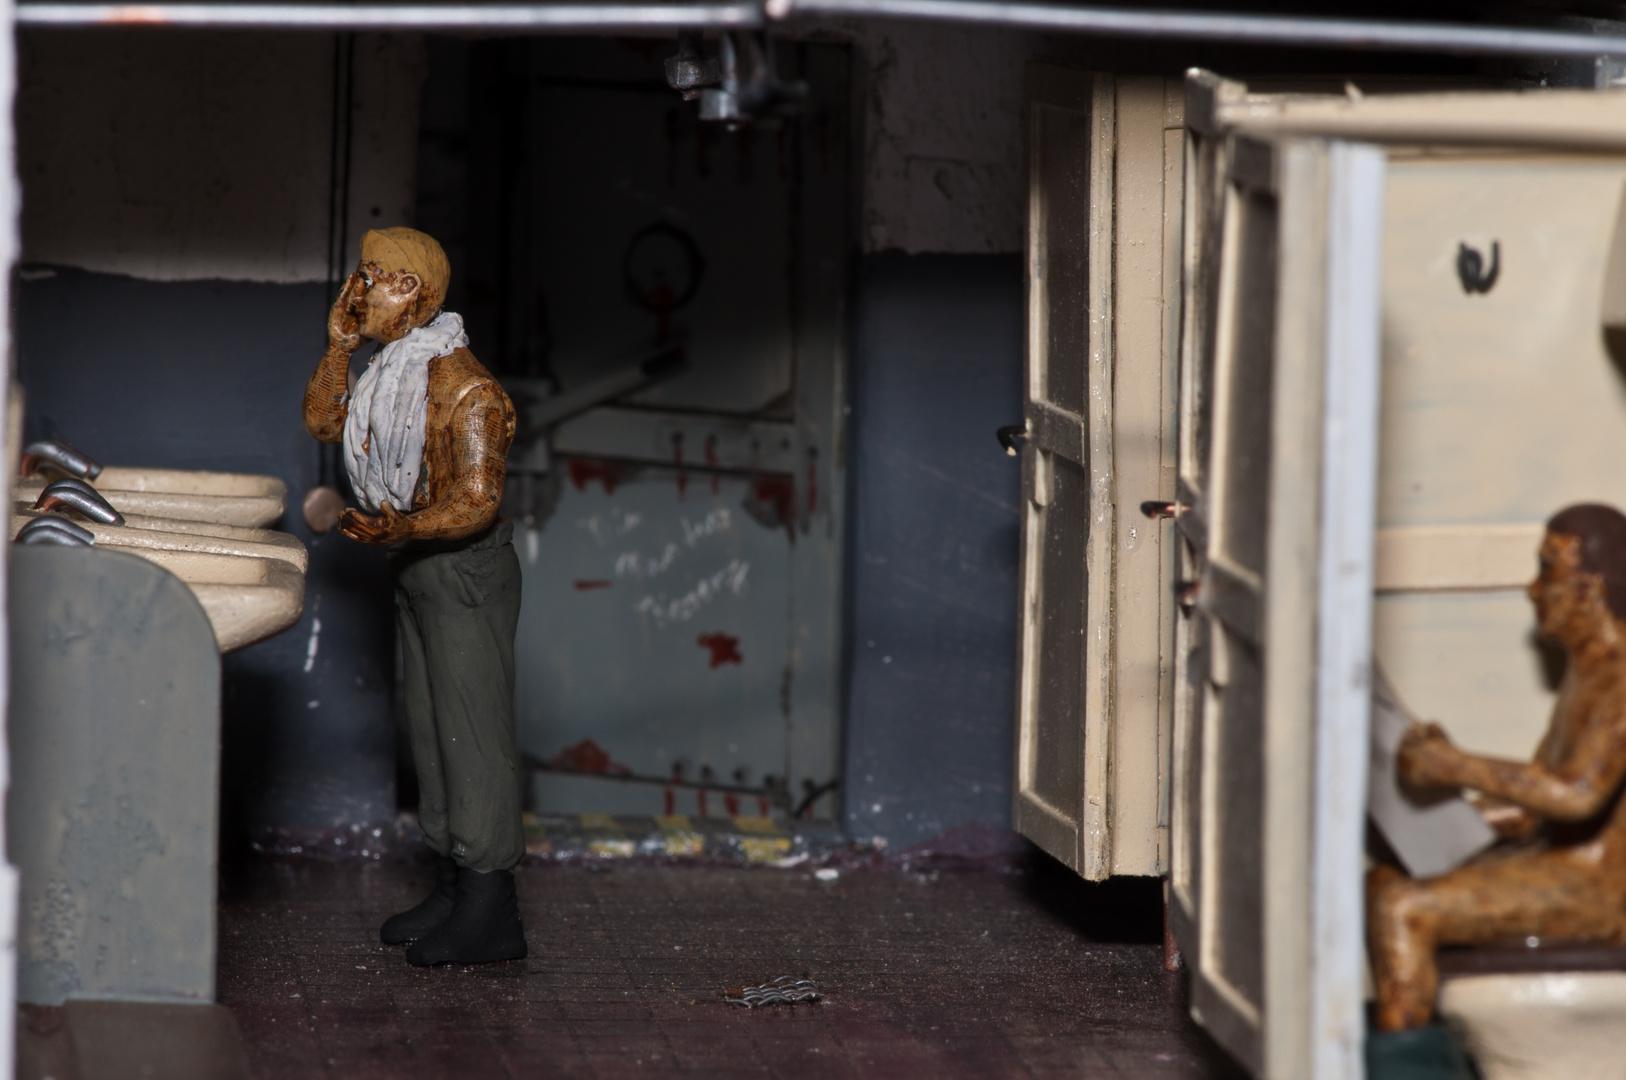 Internationale Modellbauausstellung im Panzermuseum Munster 2011